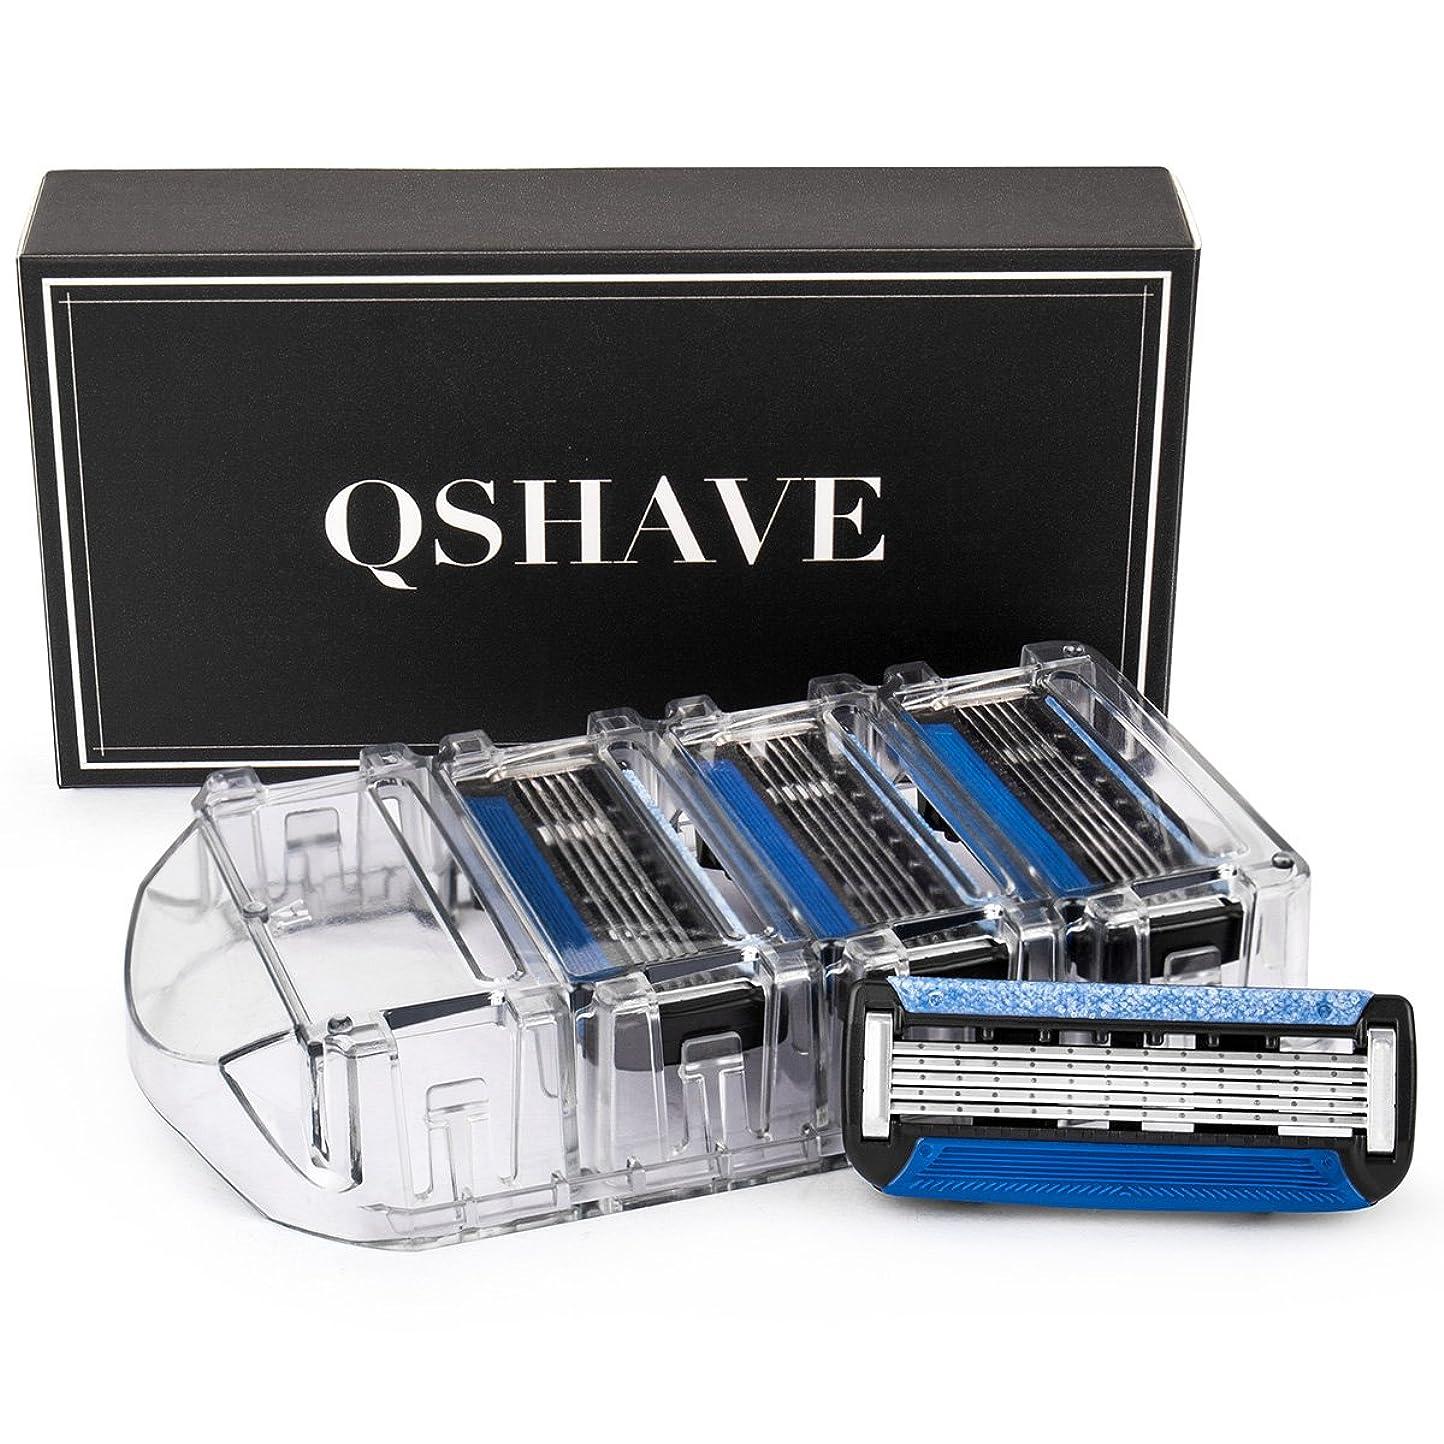 抑圧補正補正QSHAVEのX5 (5枚刃) カミソリ替刃カートリッジは、トリマーがドイツ製でQSHAVEブラックシリーズのカミソリにお使いいただけます。 (8つ入り)